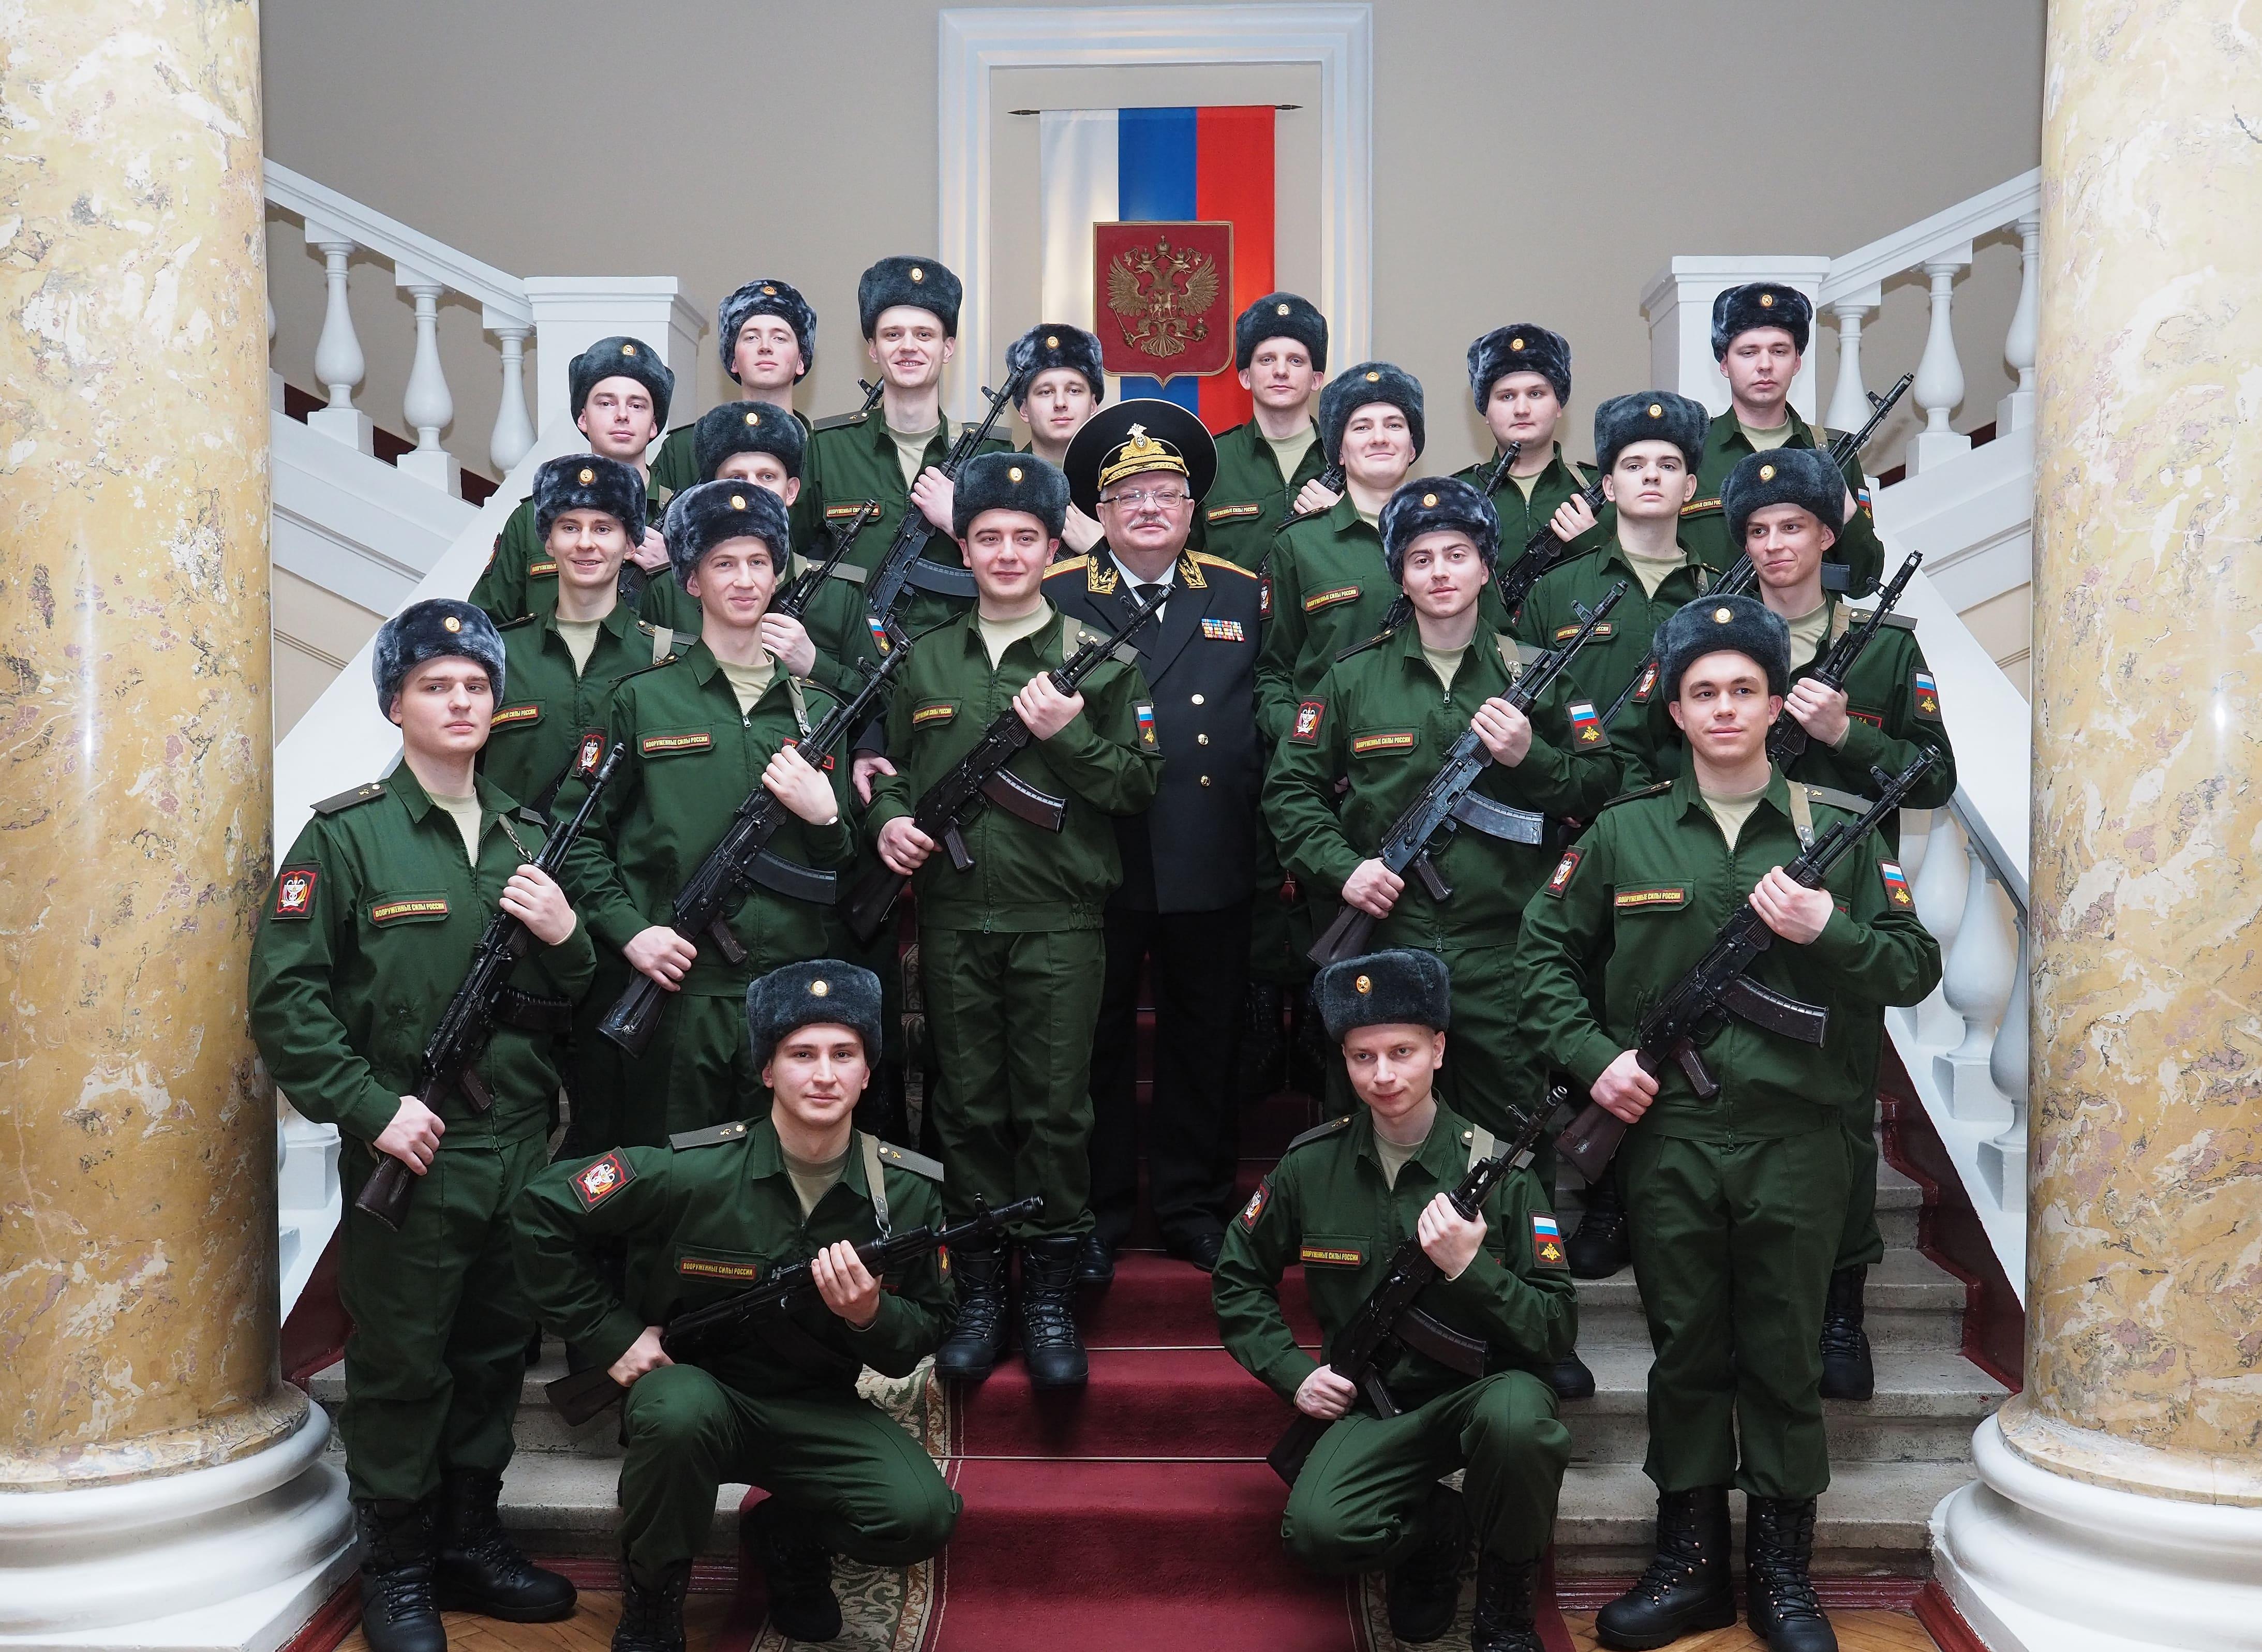 Присяга военнослужащих осеннего призыва 2018 года научной роты на базе Военно-медицинской академии имени С.М.Кирова